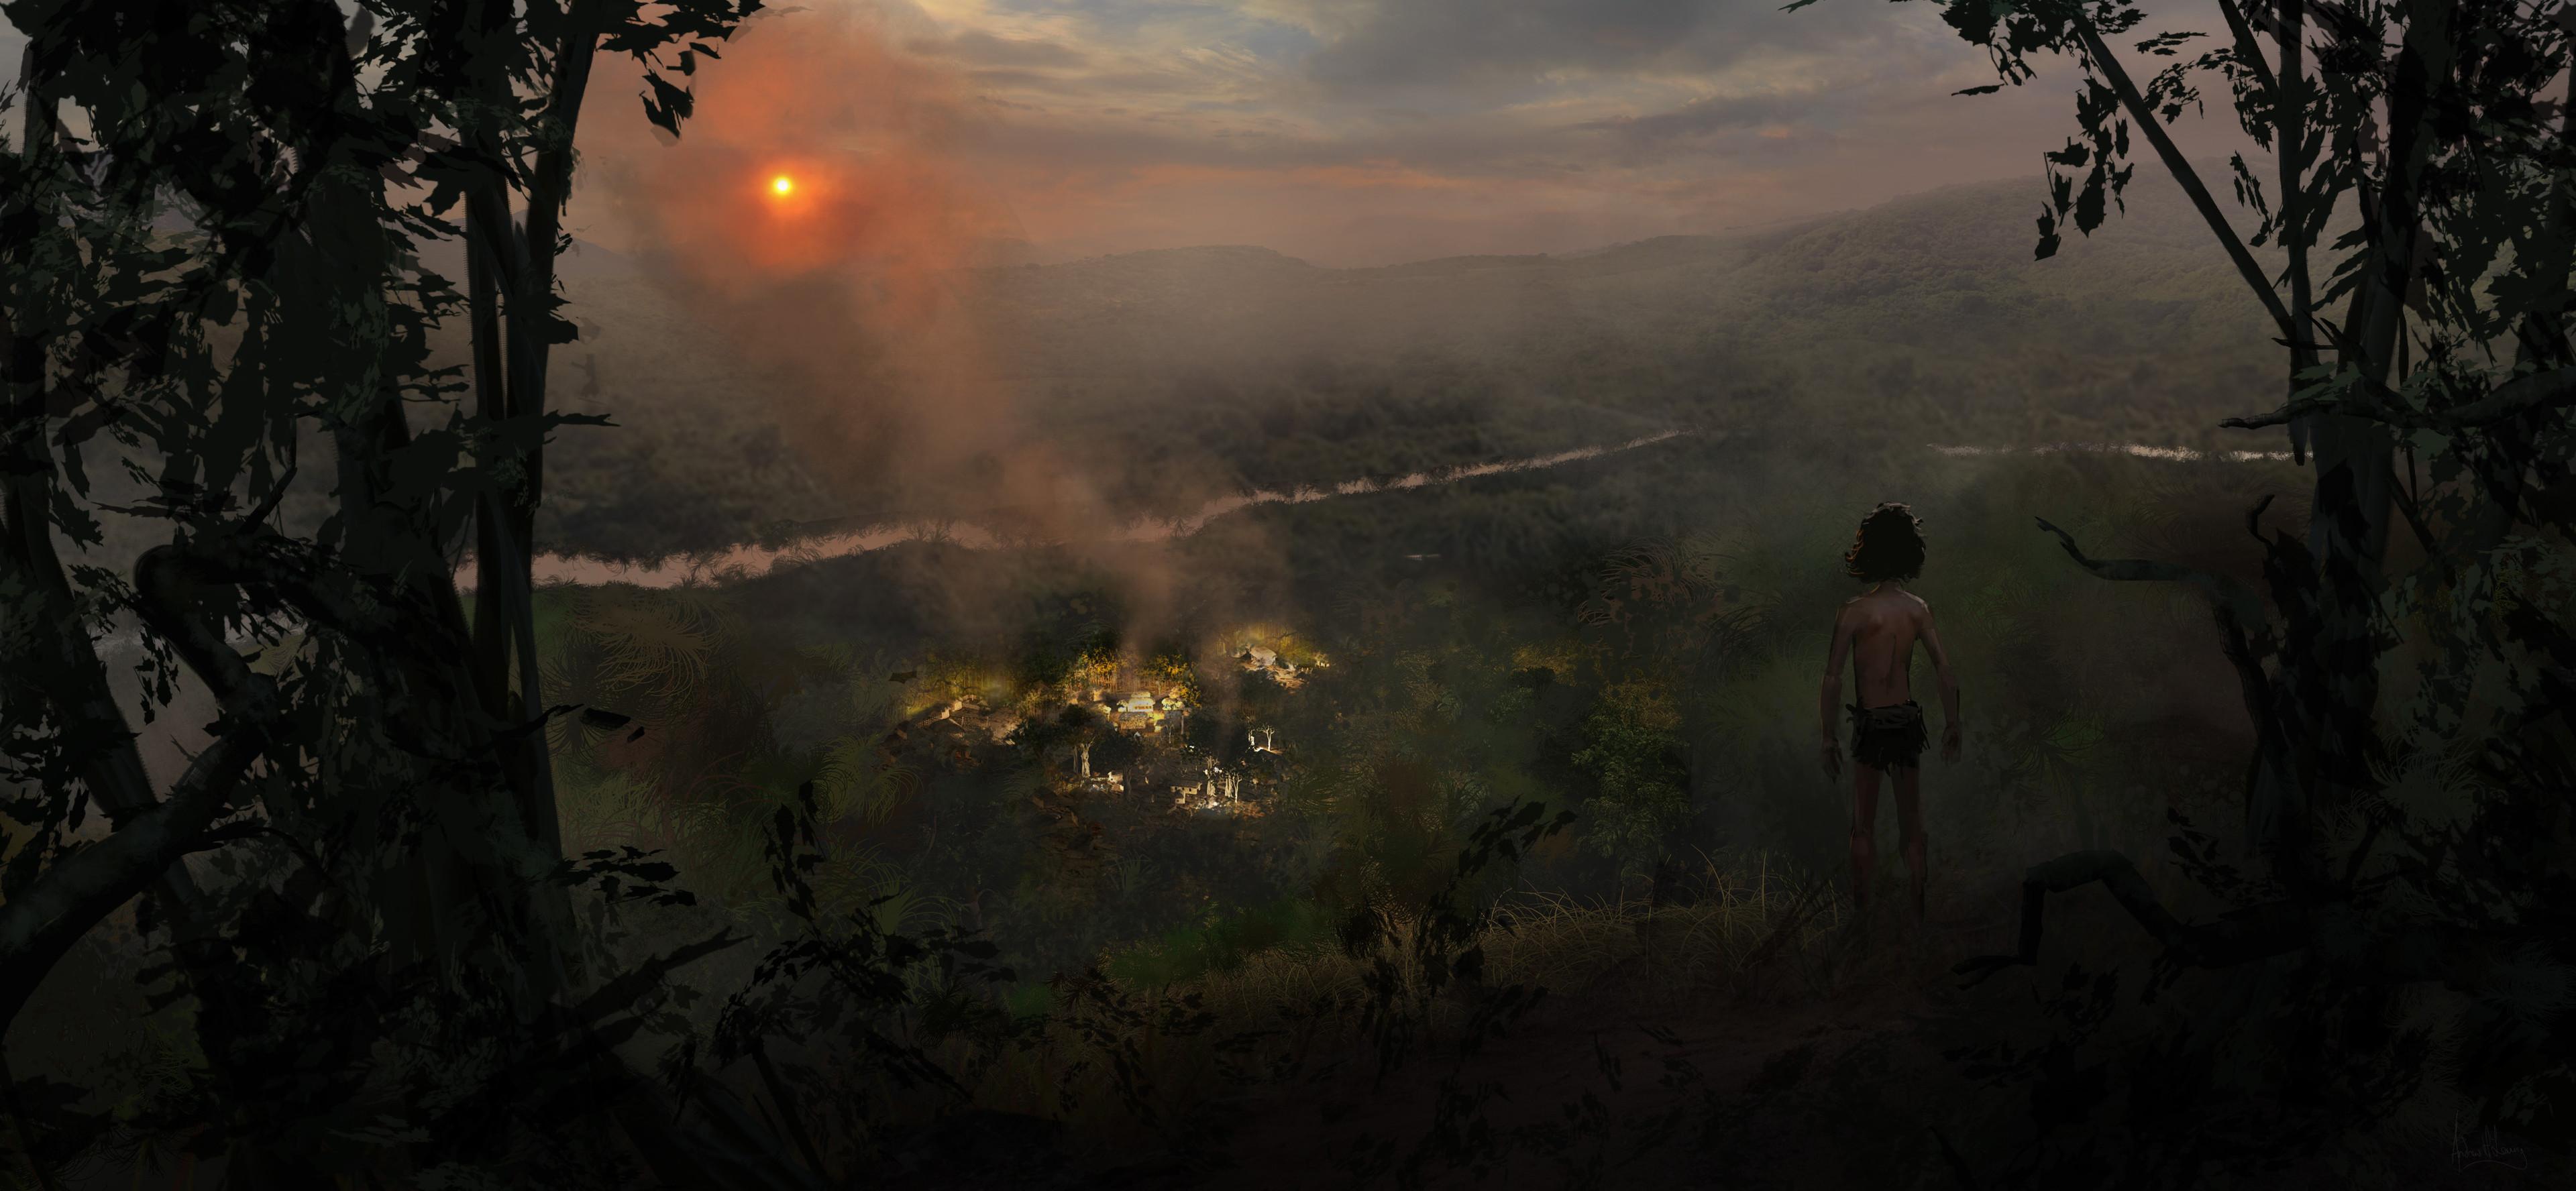 Le Livre de la Jungle [Disney - 2016] - Page 15 Andrew-leung-manvillage-layout-v06-sketch-mowgliview06